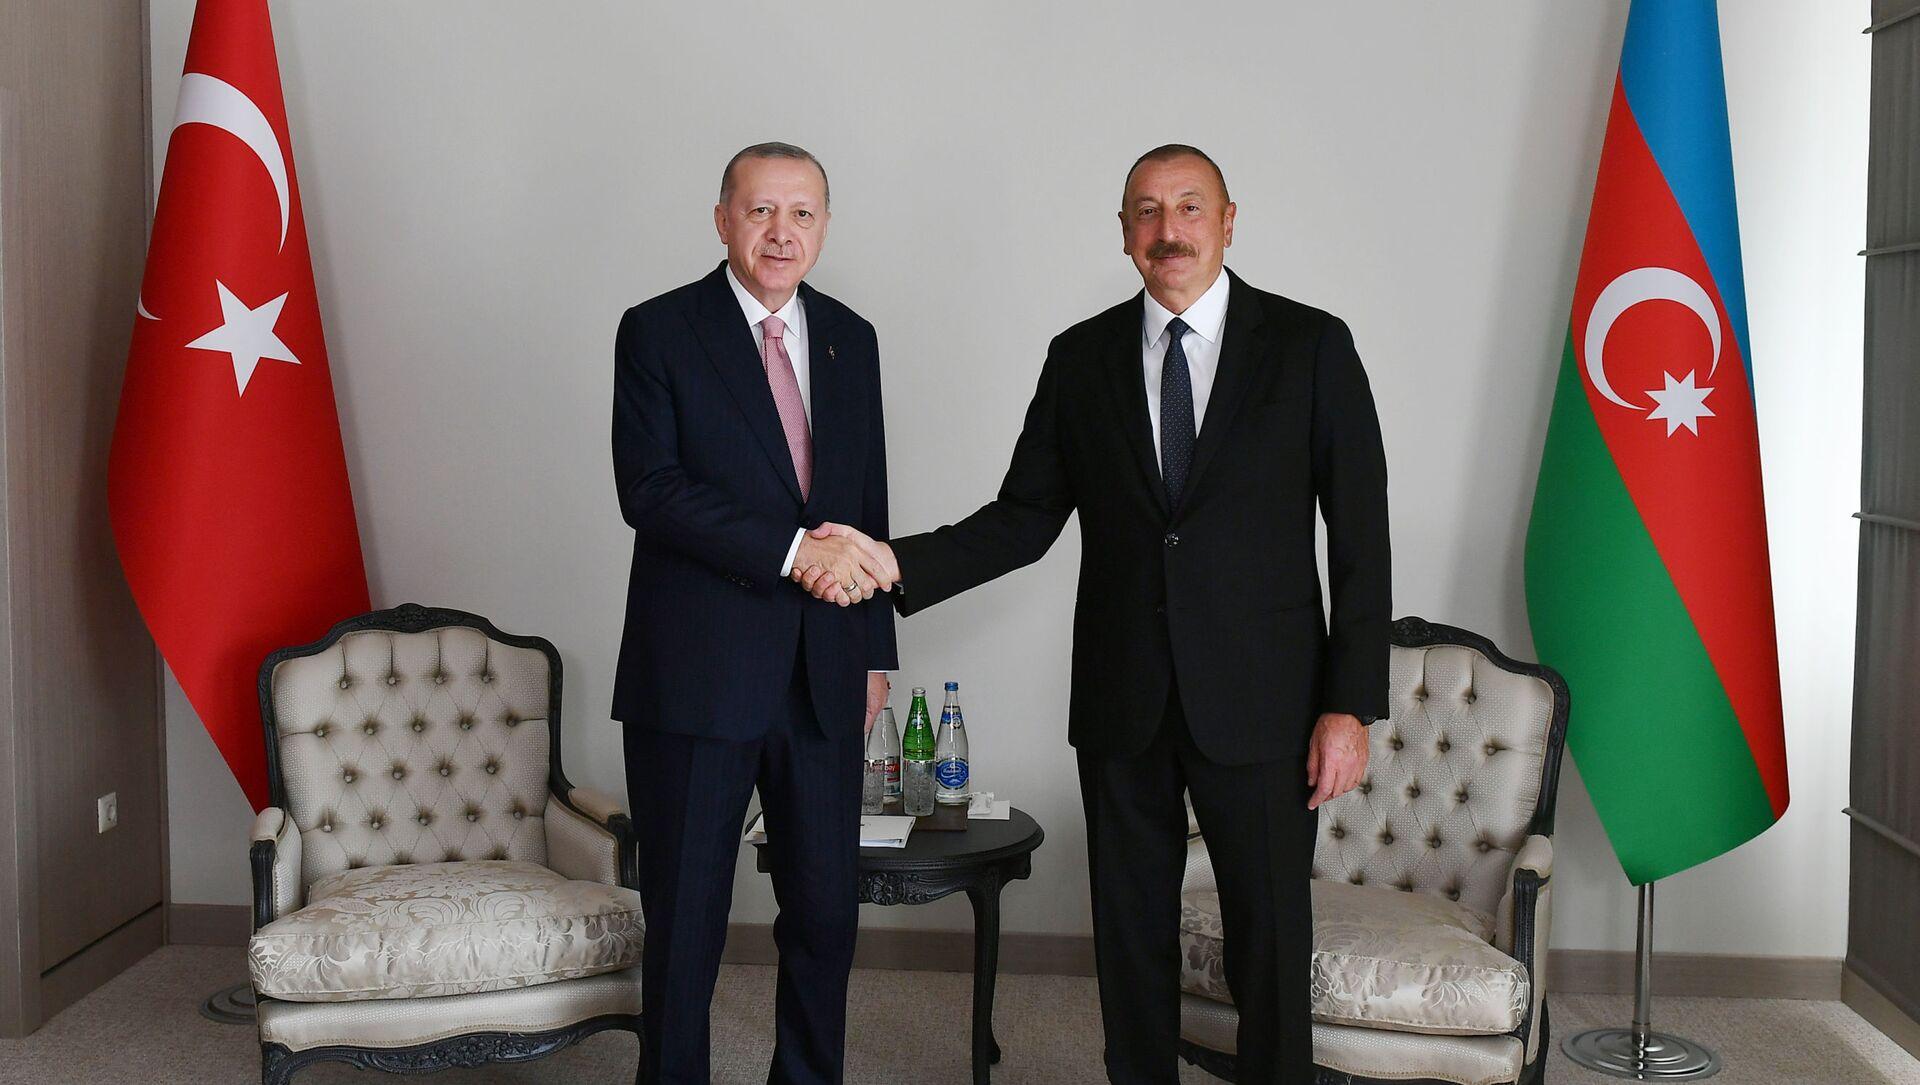 Prezydenci Azerbejdżanu i Turcji Ilham Alijew i Tayyip Erdoğan - Sputnik Polska, 1920, 15.06.2021